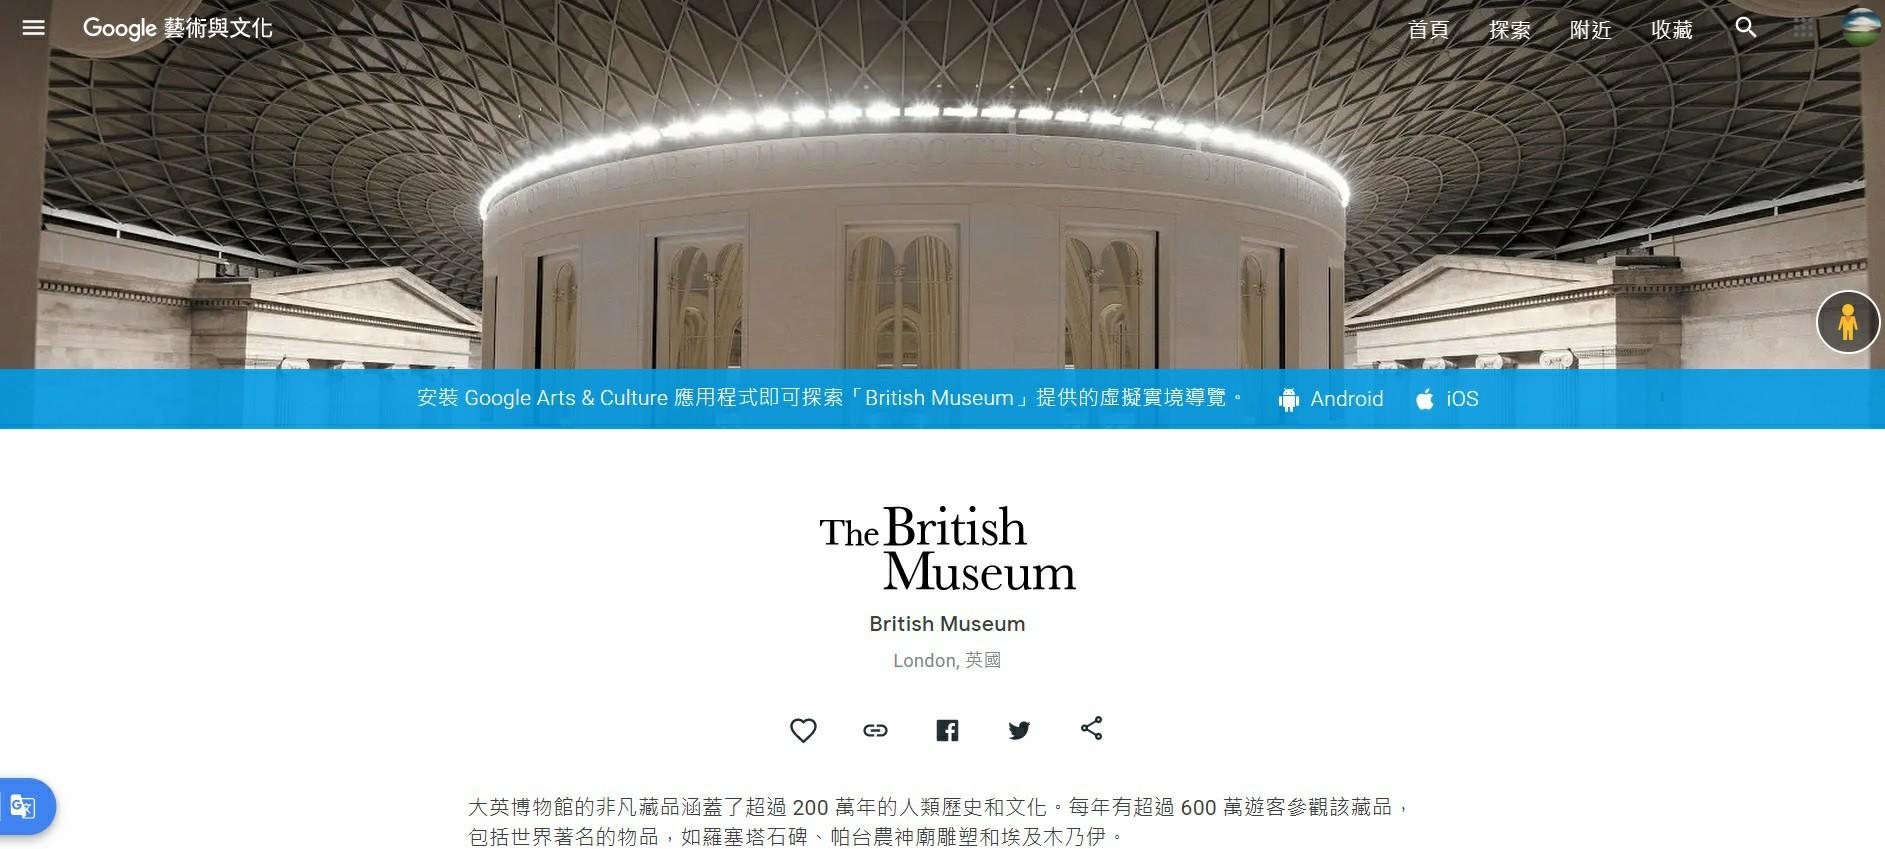 英國倫敦大英博物館,大英博物館,Google Arts & Culture,Google 藝術與文化,世界博物館,線上博物館